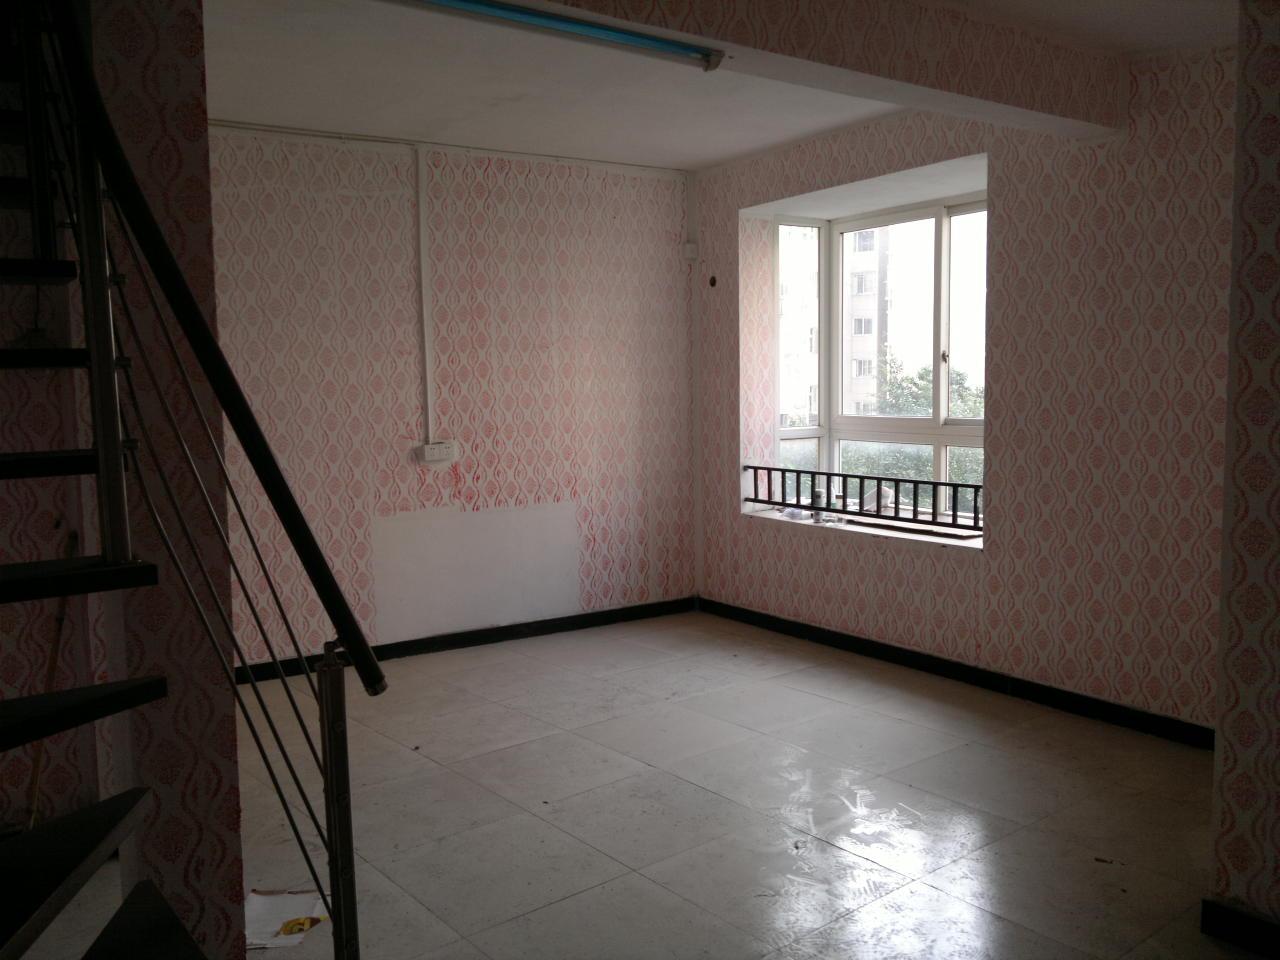 巴蜀丽景跃层2室2厅,市